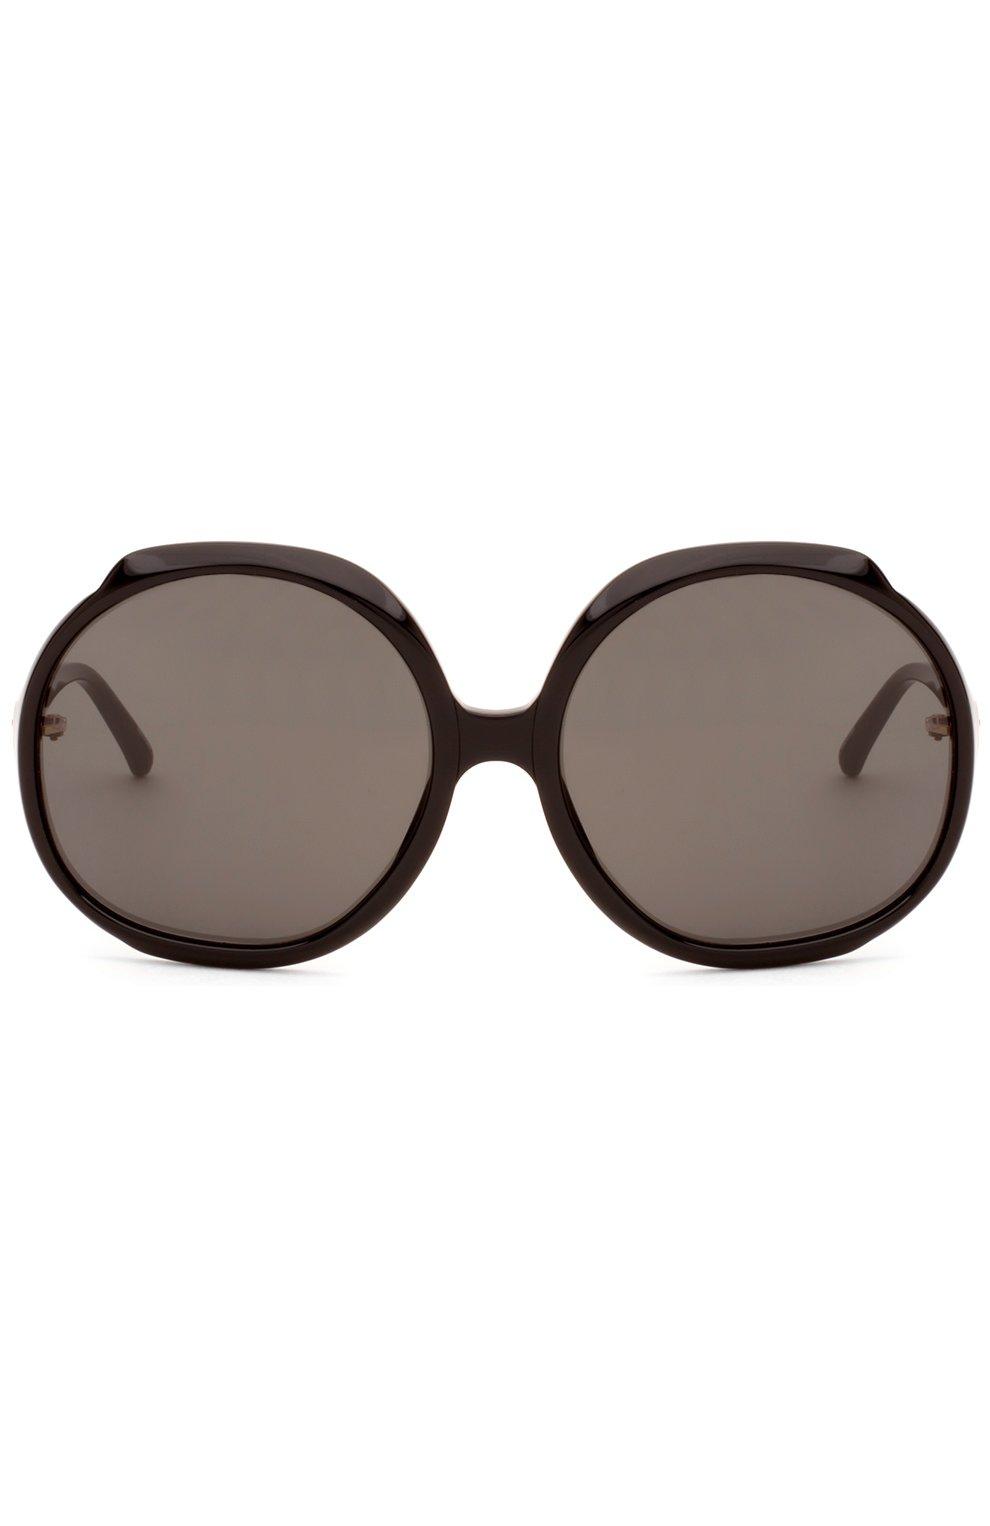 Женские солнцезащитные очки LINDA FARROW черного цвета, арт. LFL417C1 SUN   Фото 1